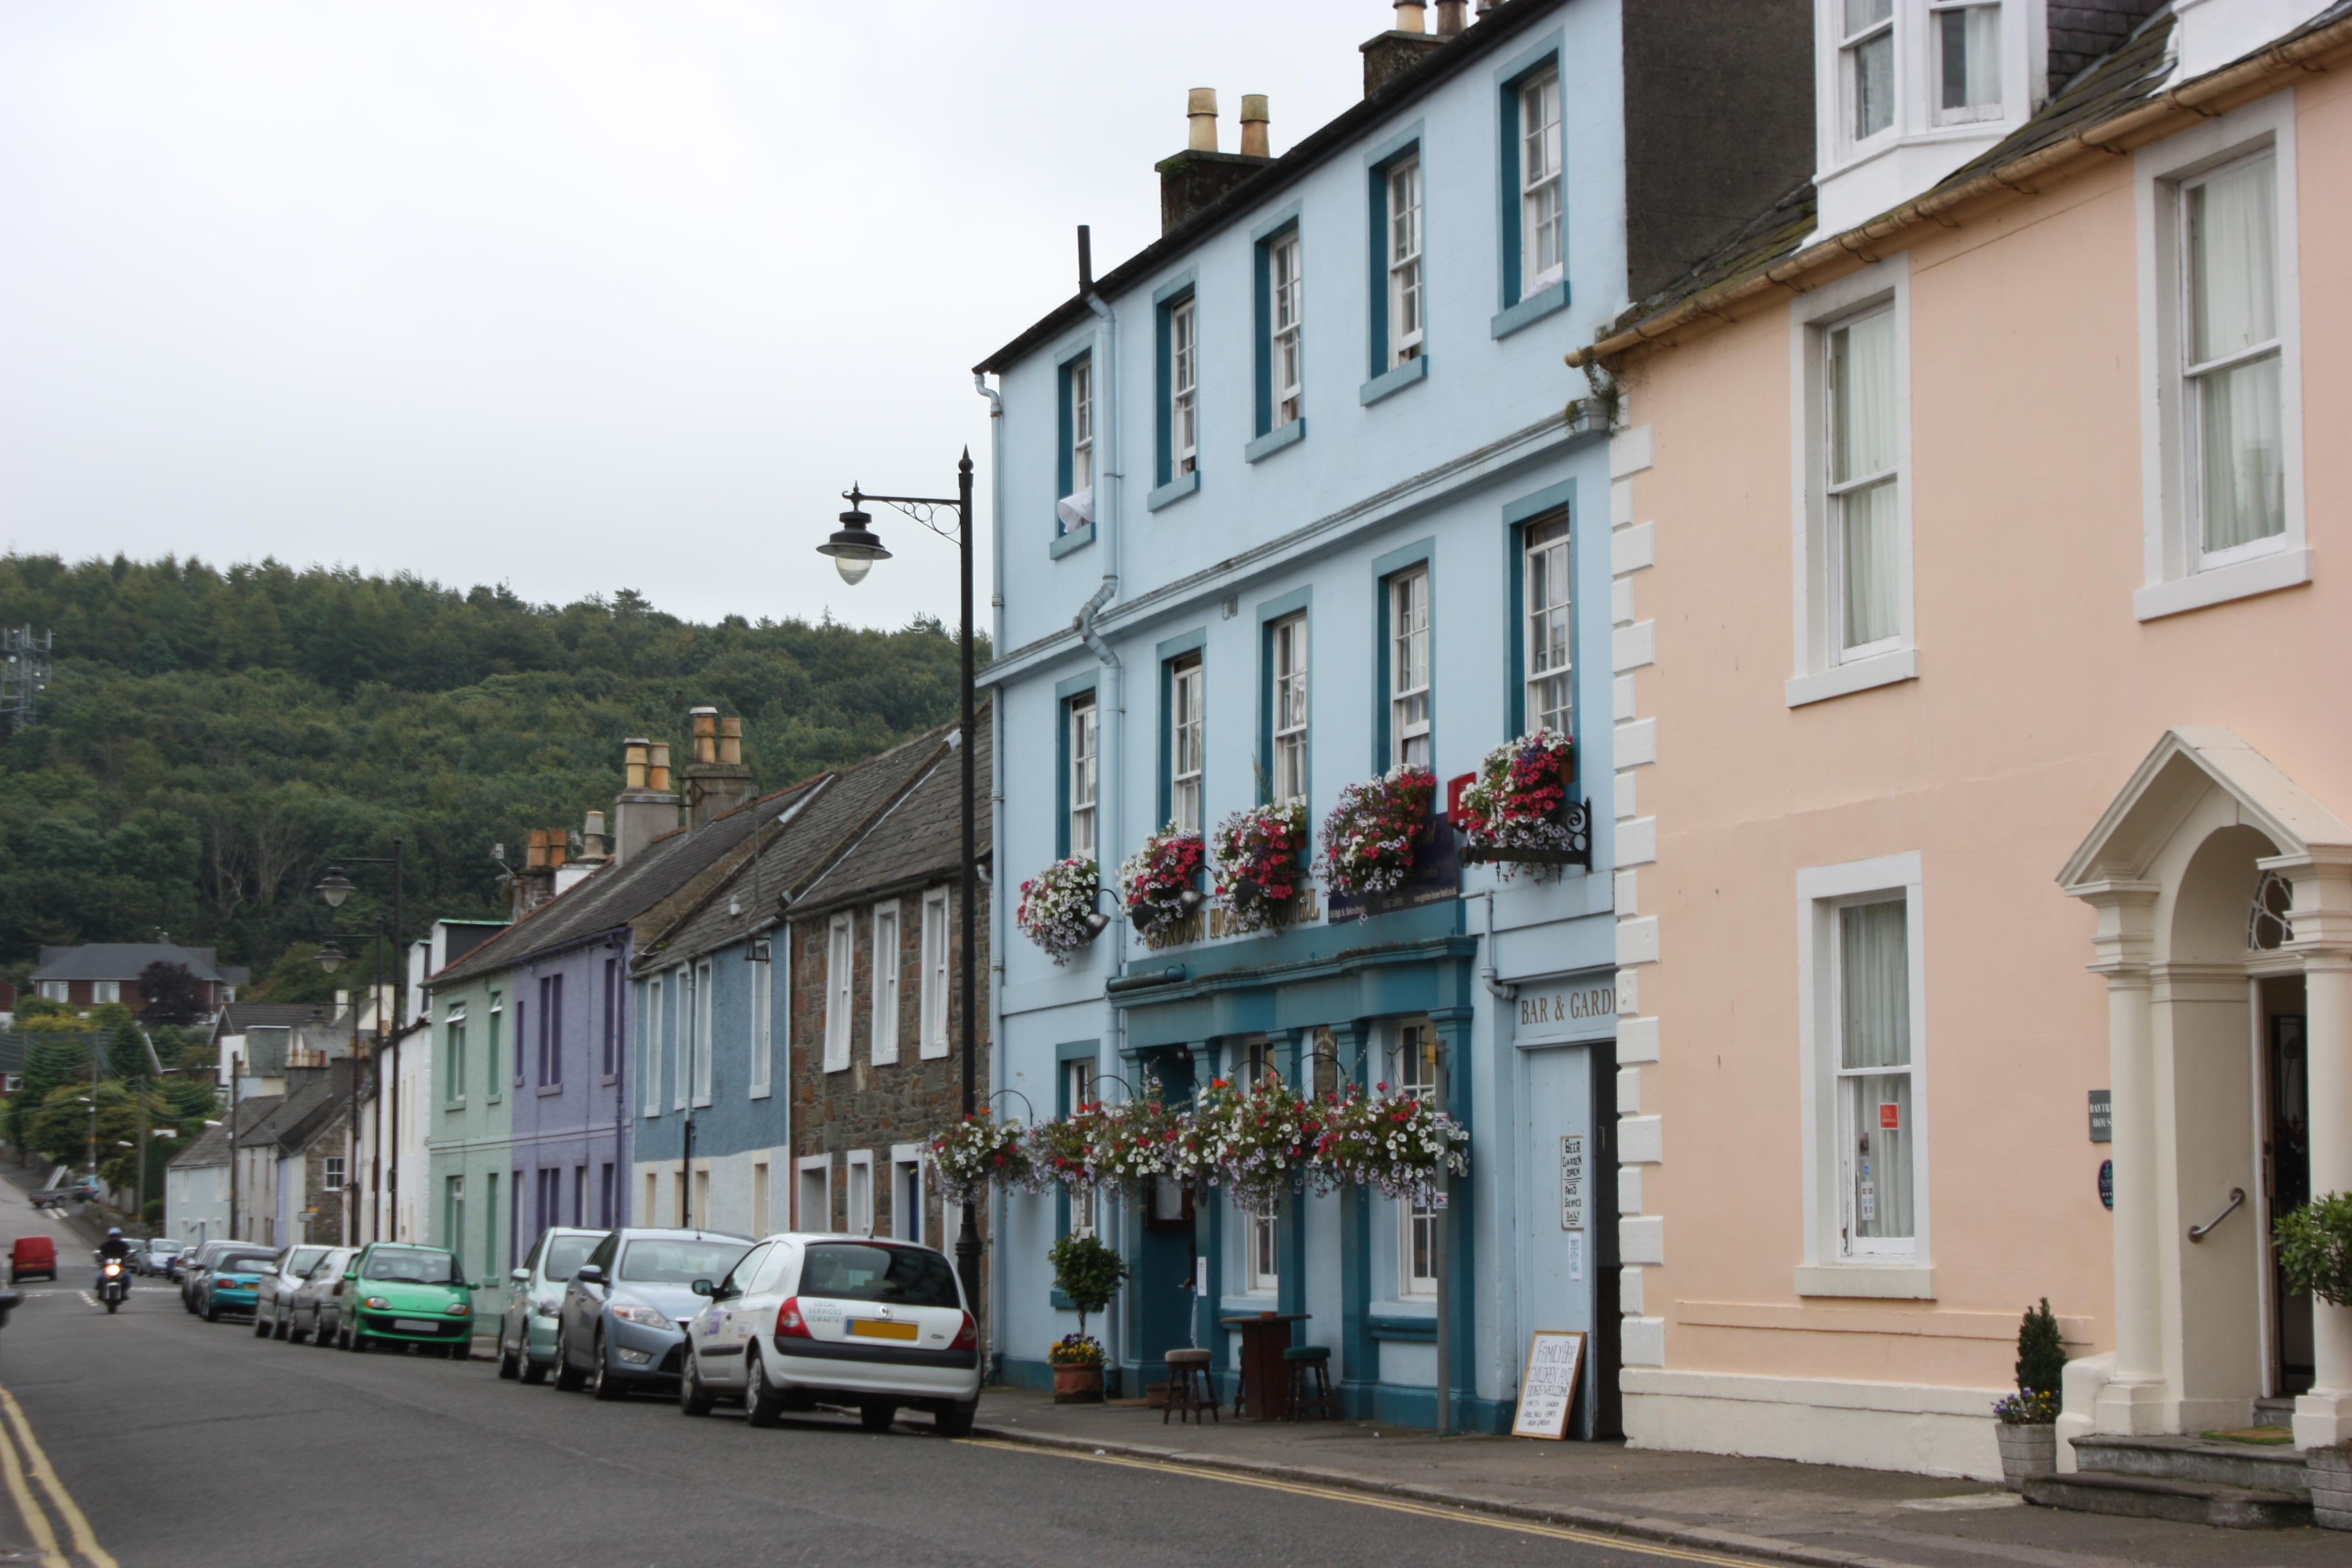 """Résultat de recherche d'images pour """"Kirkcudbright scotland"""""""